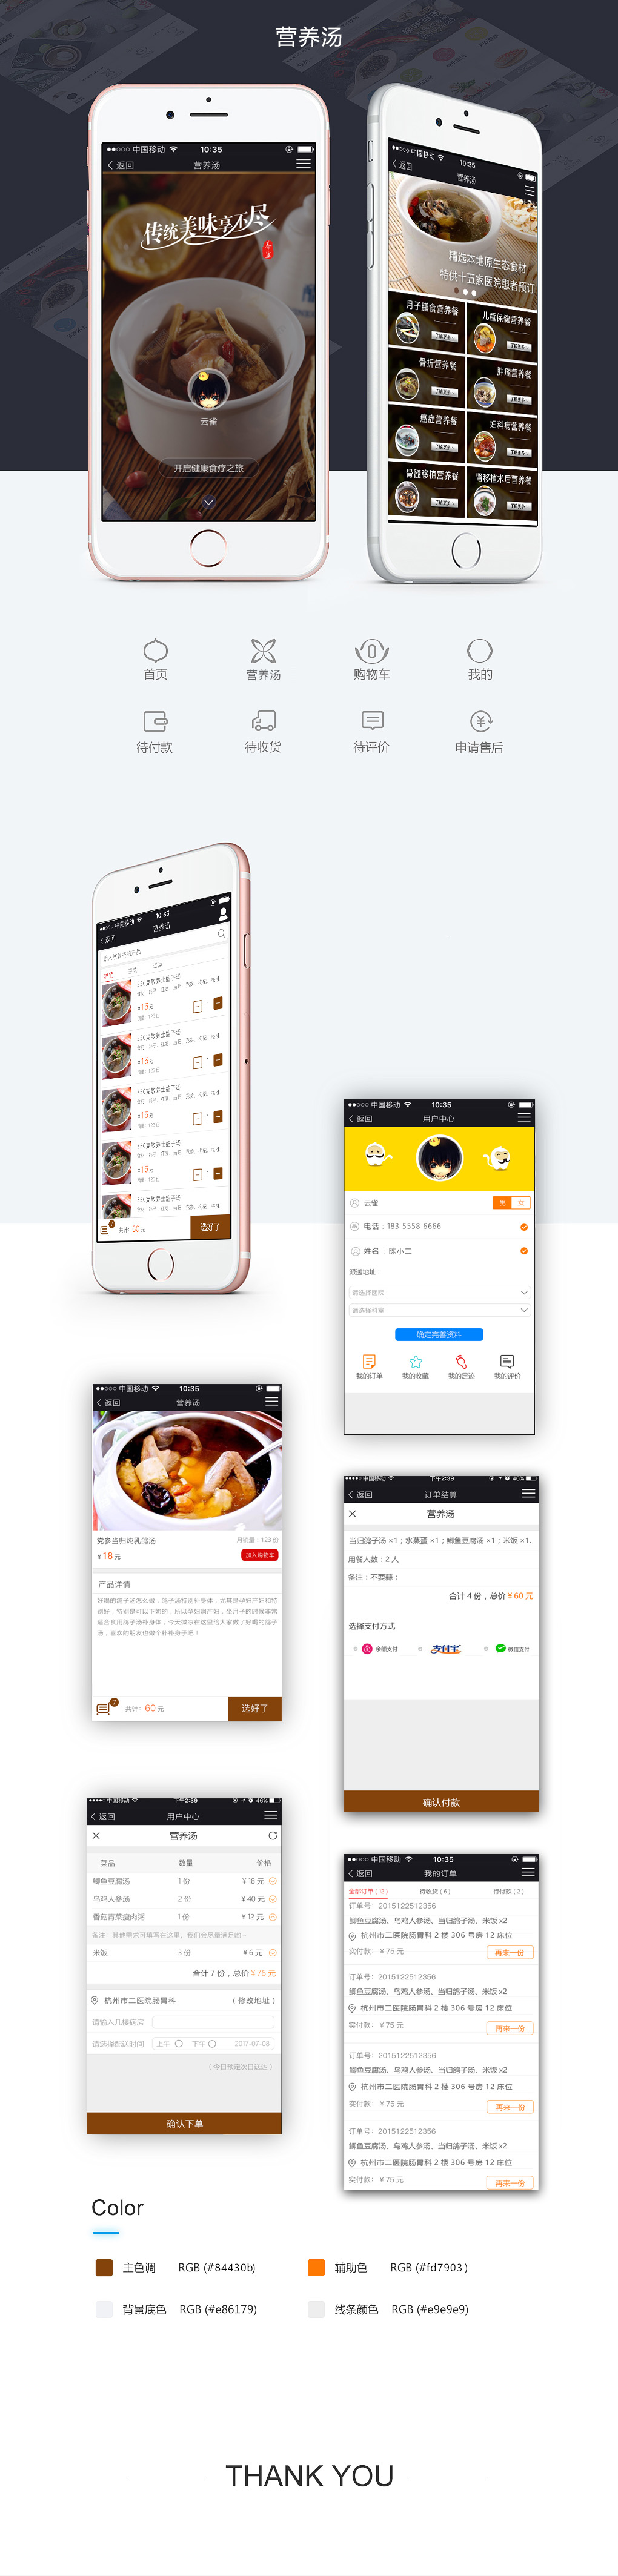 营养汤-杭州盘网微信公众号作品